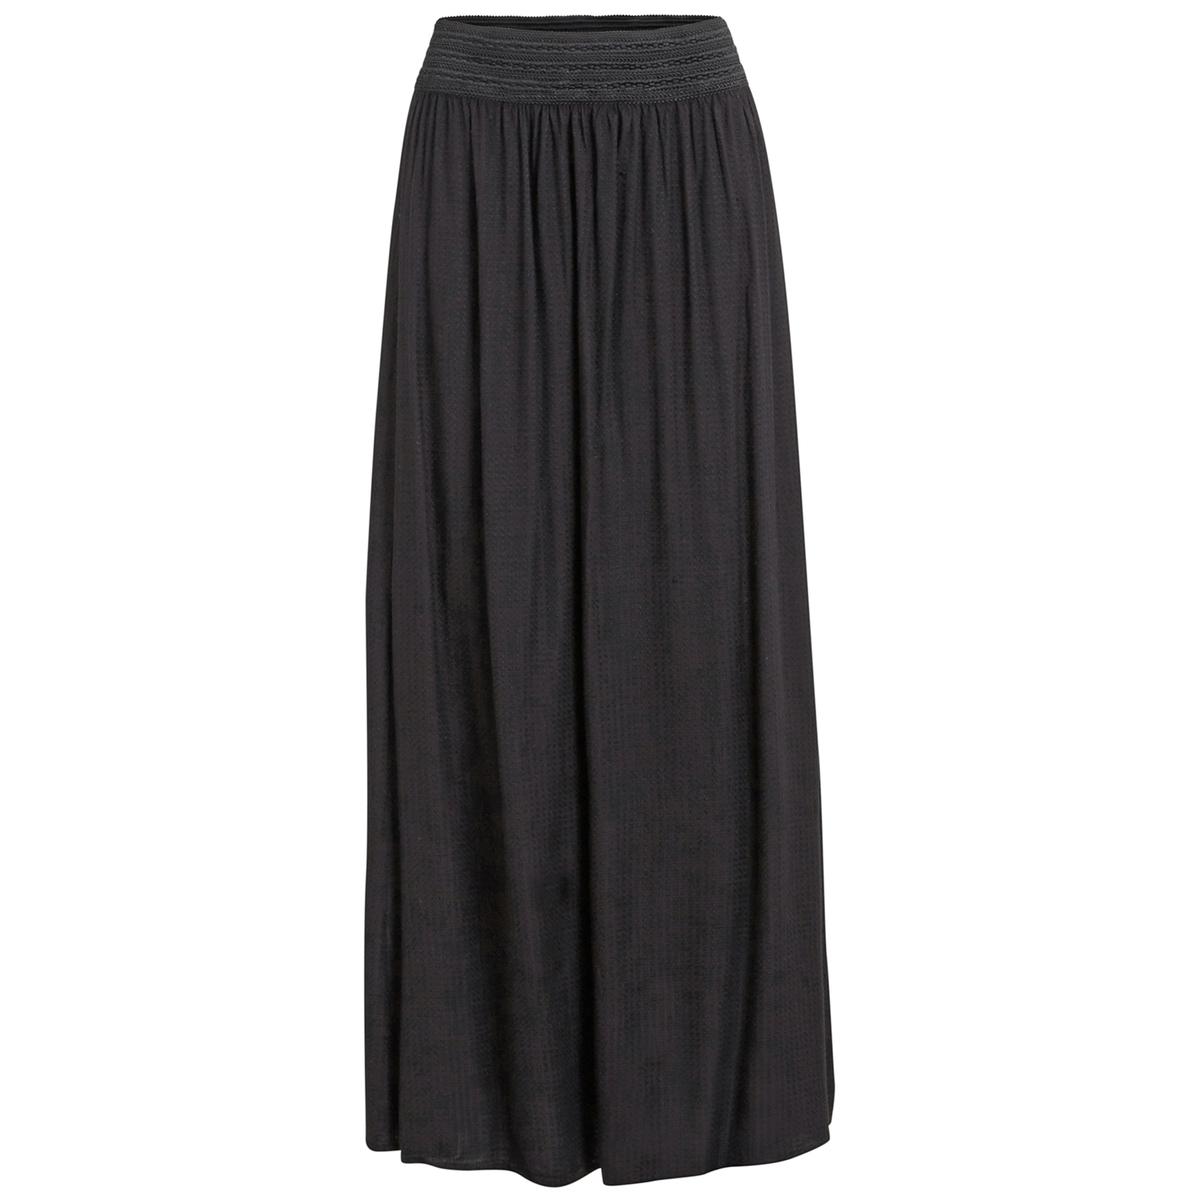 Юбка длиннаяМатериал : 100% вискоза  Рисунок : Однотонная модель Длина юбки : удлиненная модель.<br><br>Цвет: черный